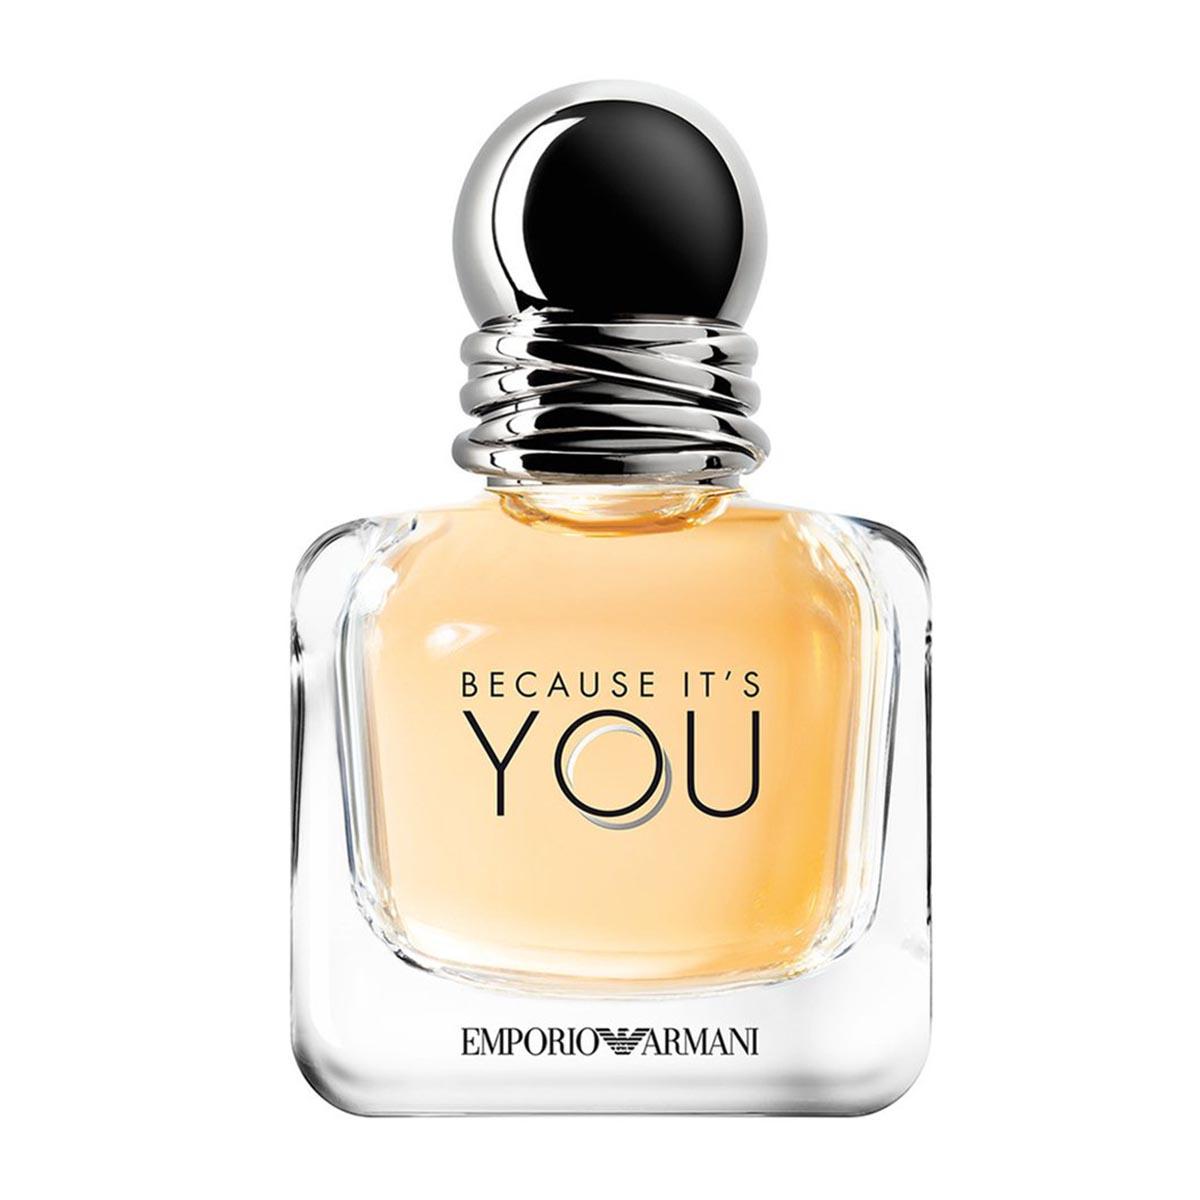 Emporio armani because it s you eau de parfum 150ml vaporizador